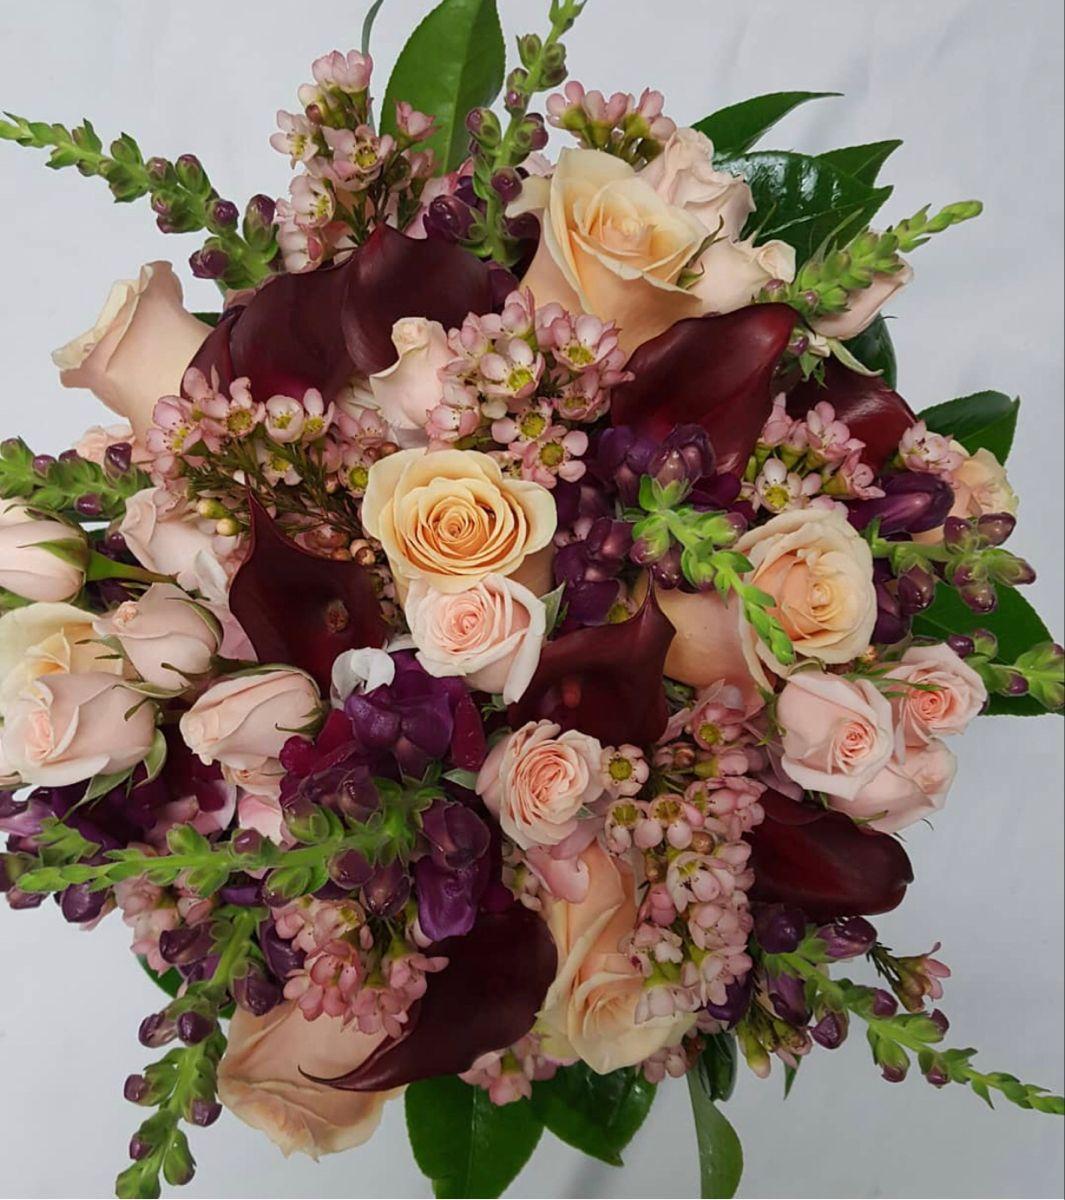 Burgundy Calla Lily in 2020 Calla lily flowers, Calla